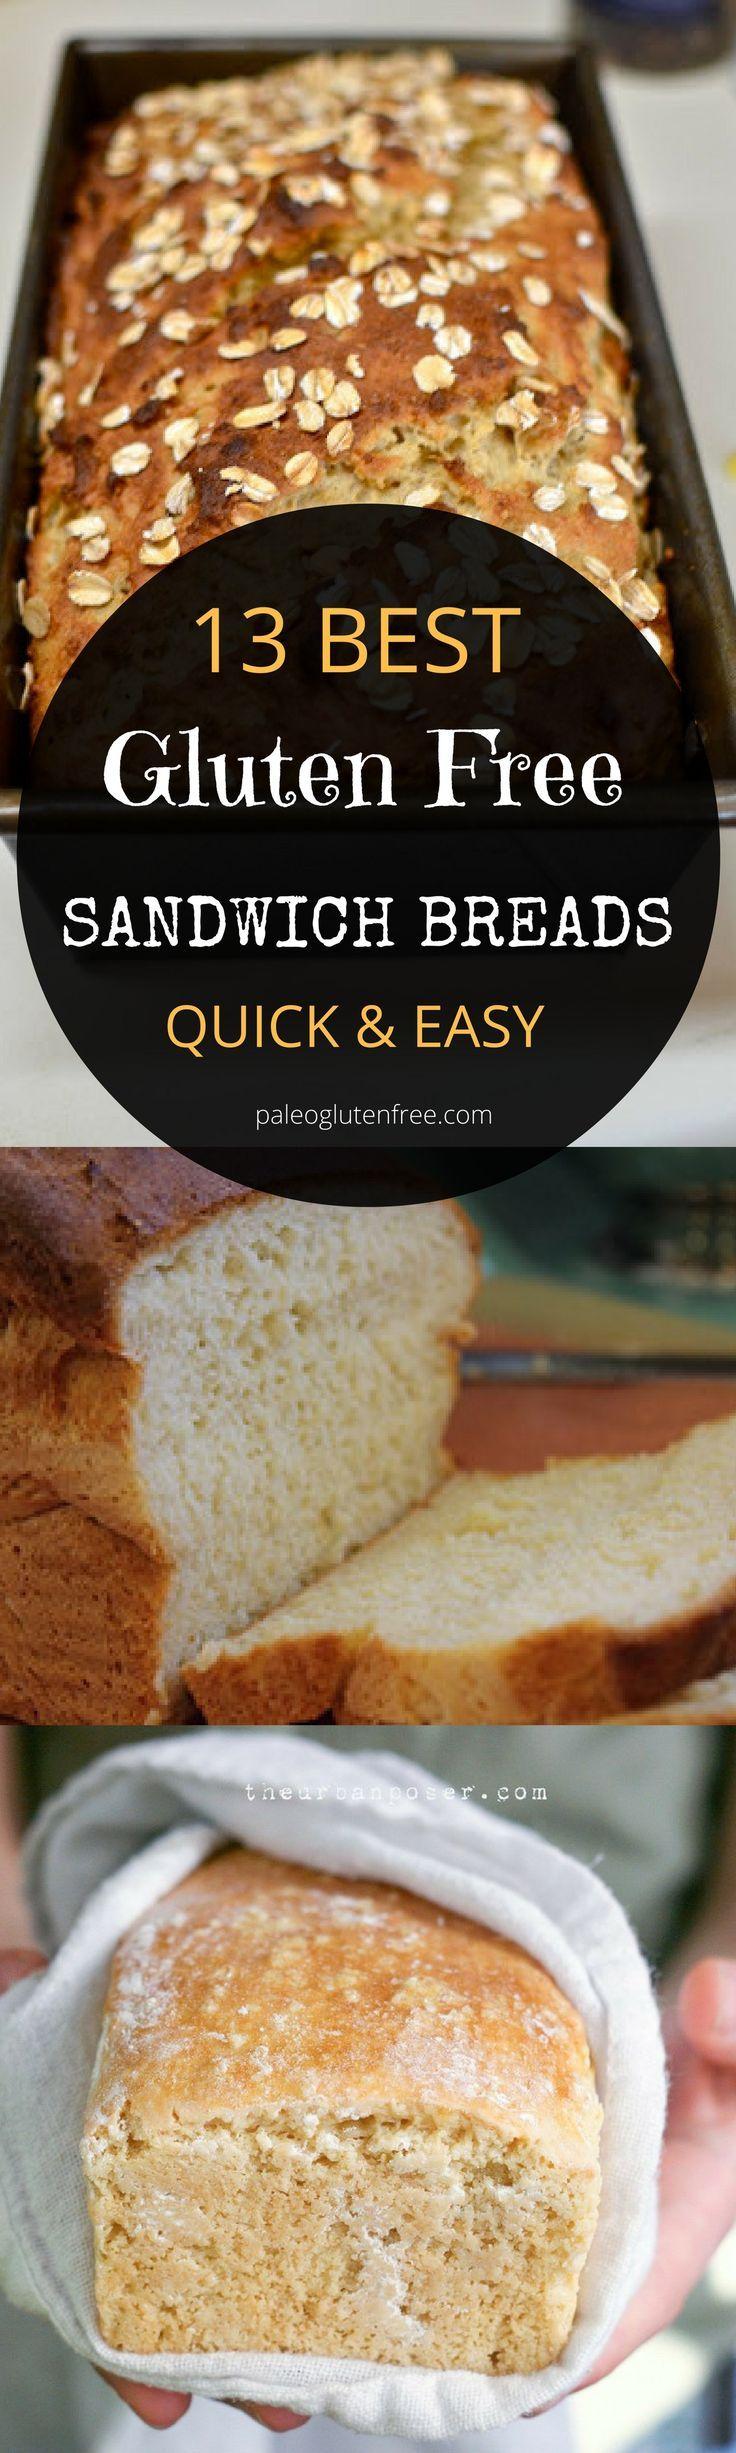 Easy gluten free bread recipes. Gluten free vegan bread. Homemade gluten free bread. Gluten free bread rolls. Soft gluten free sandwich bread recipes. Gluten free bread machine. Simple almond flour gluten free bread.